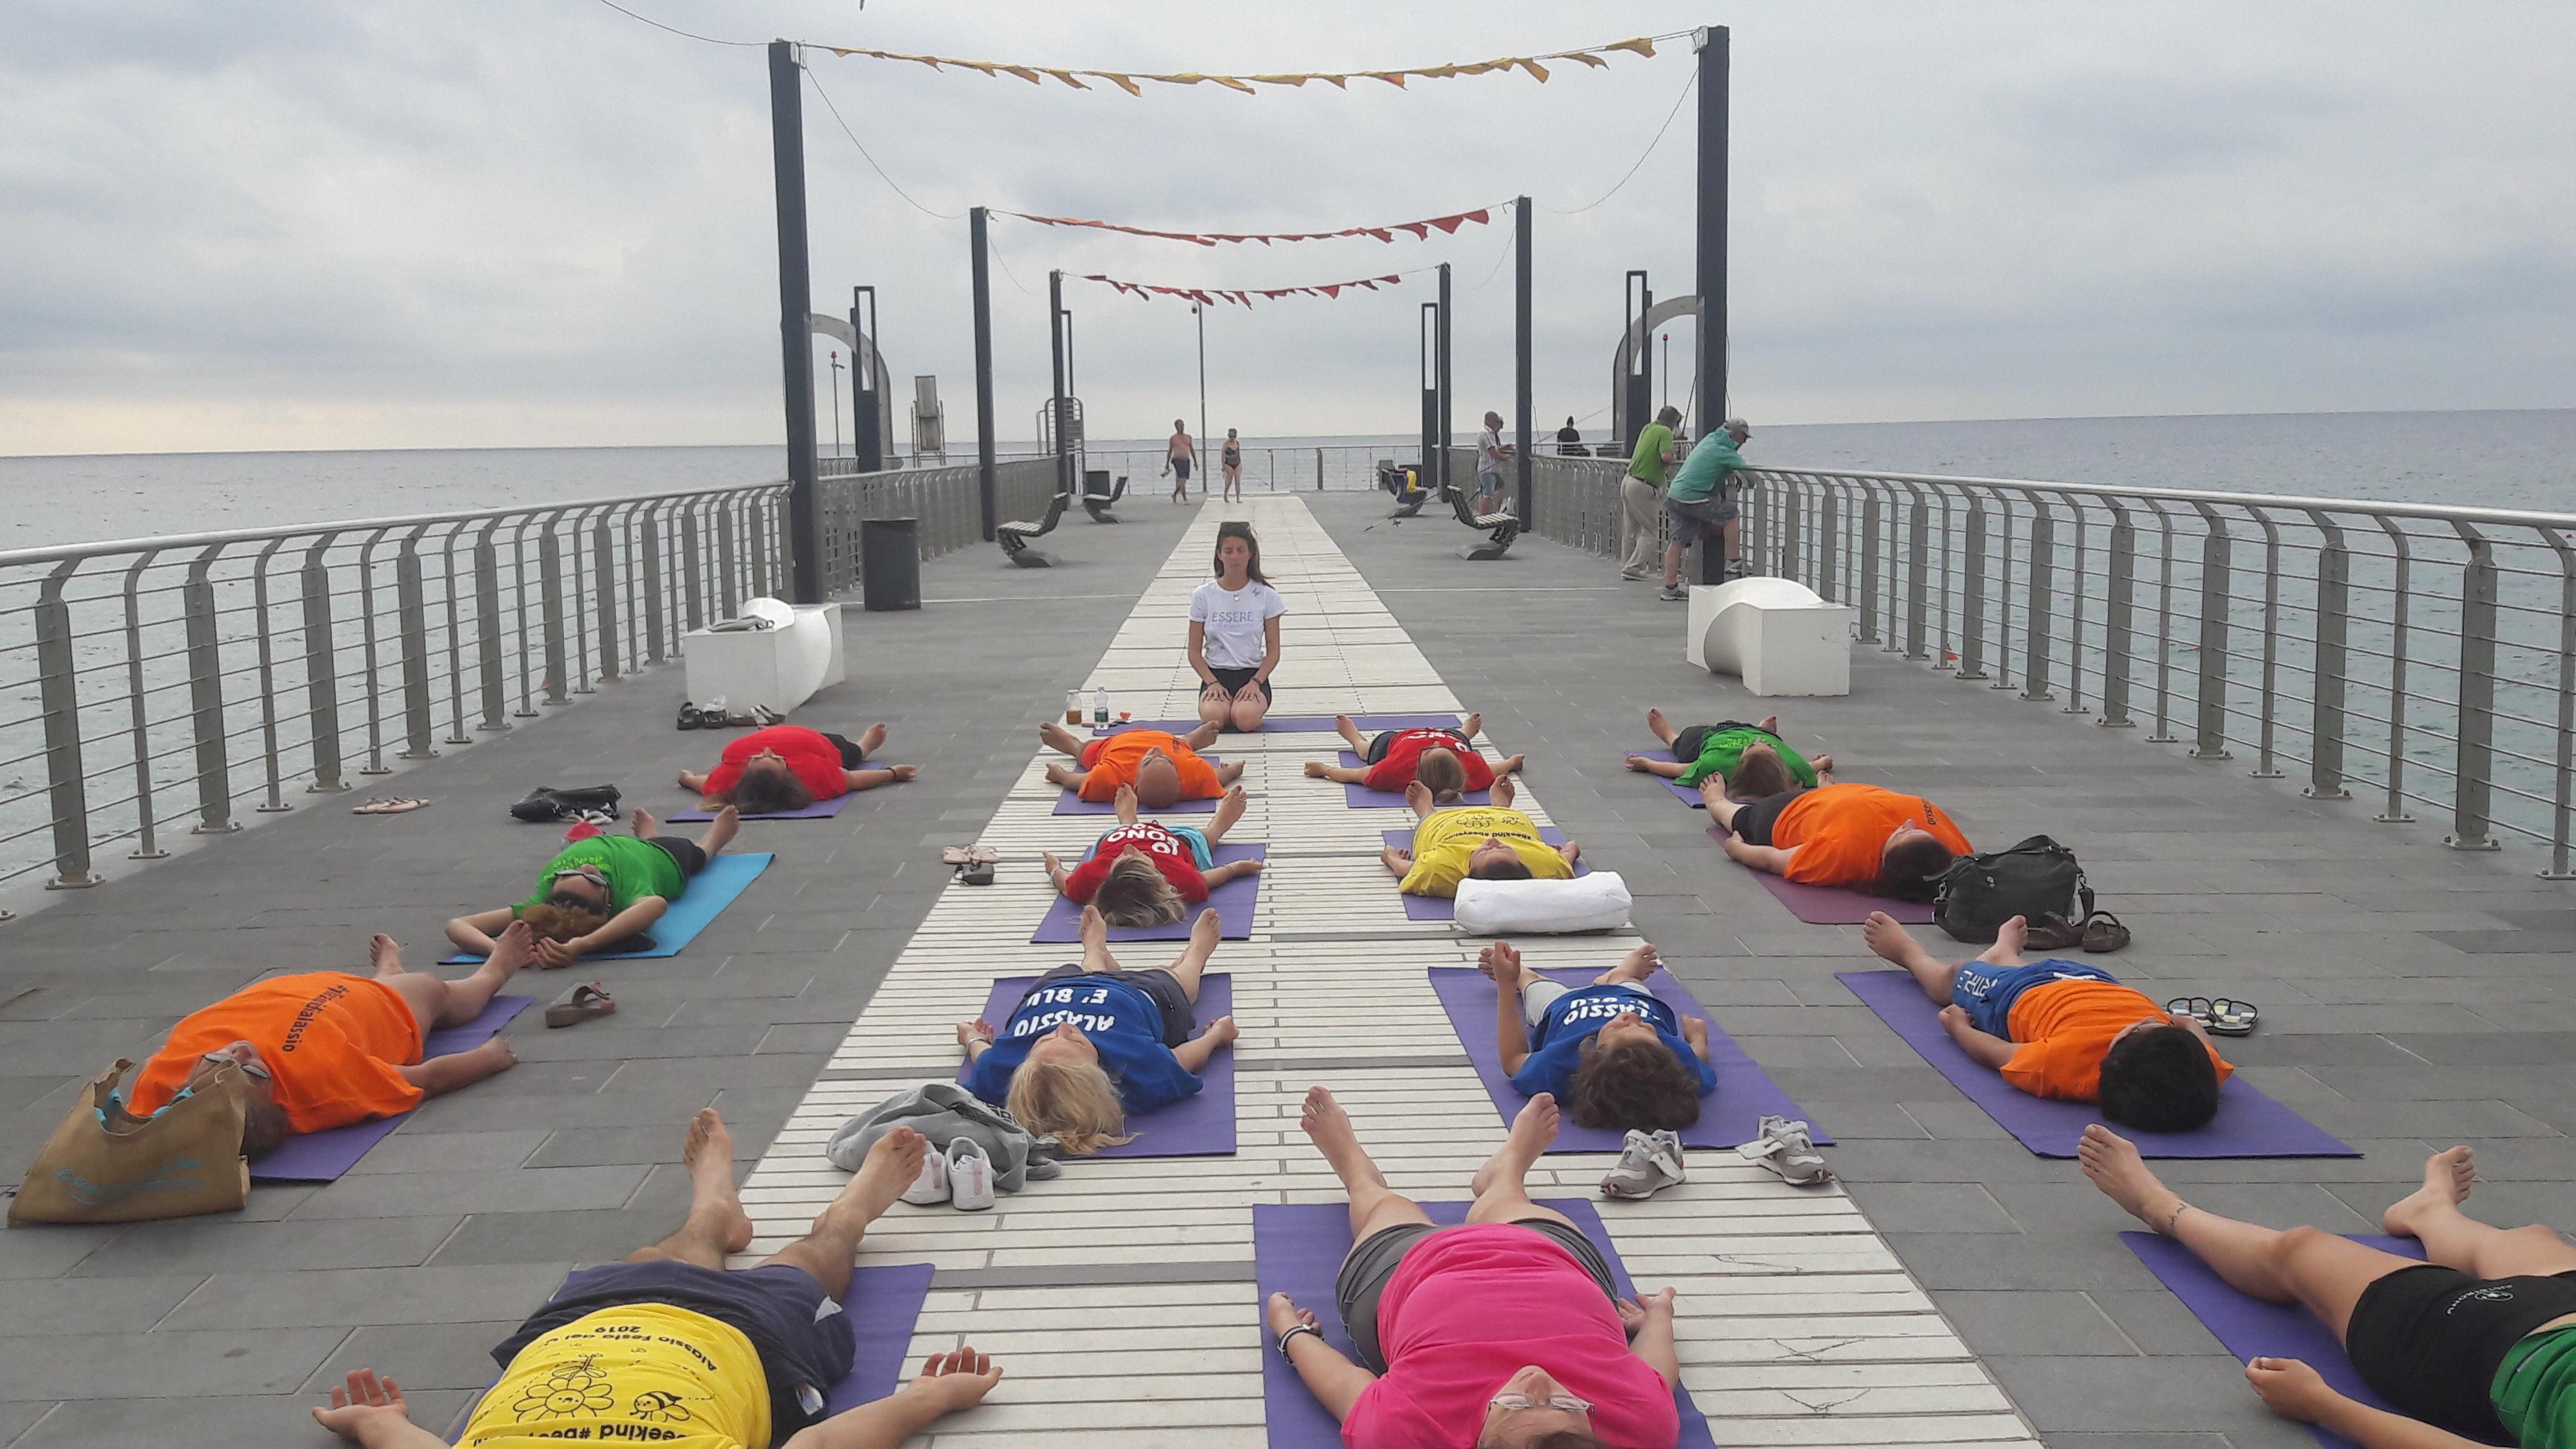 Alassio-united-colors-of-yoga-free-gratuito-per-tutti-festa-colori-lucia-ragazzi-essere-benessere-7